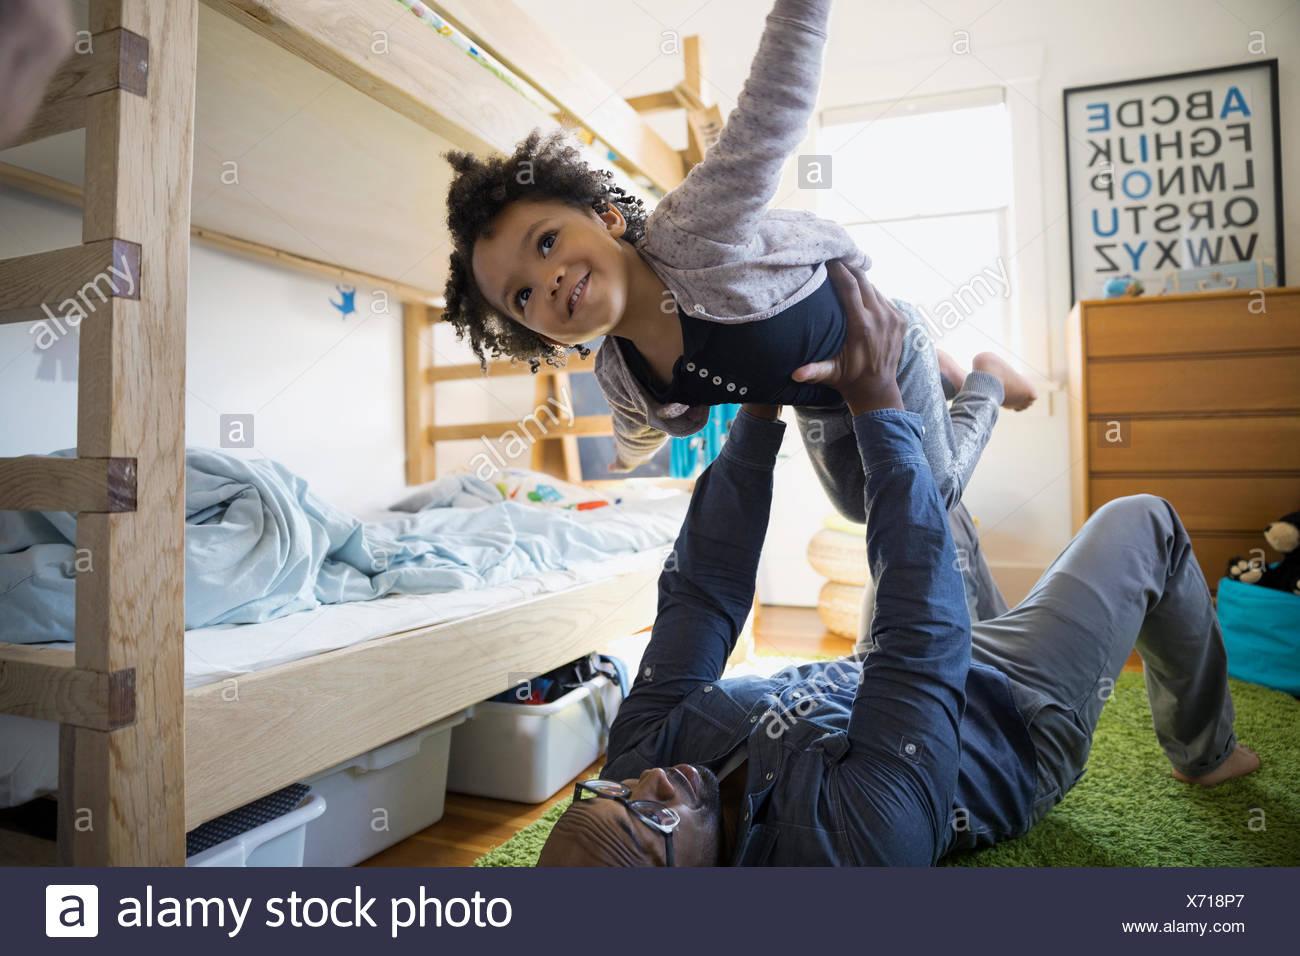 Hija de padre levantar vuelo en dormitorio Imagen De Stock